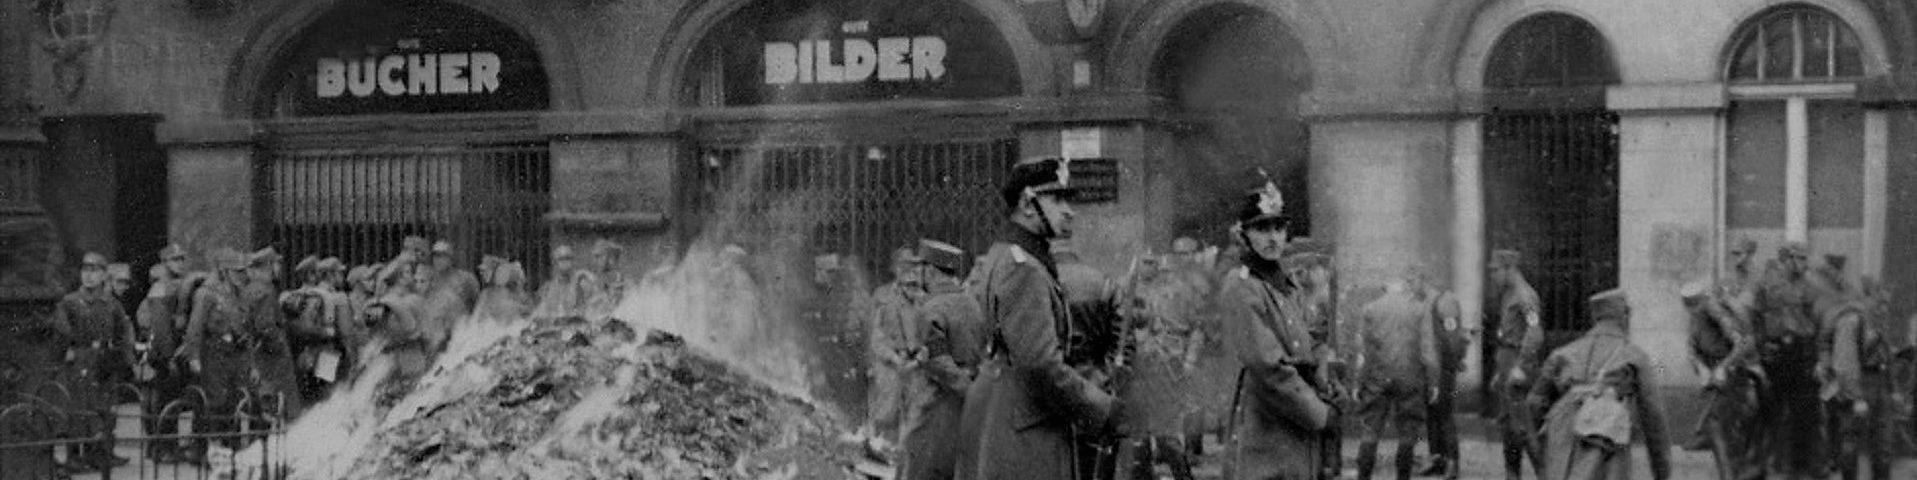 Veranstaltung zum Jahrestag der Bücherverbrennung auf dem Wettiner Platz